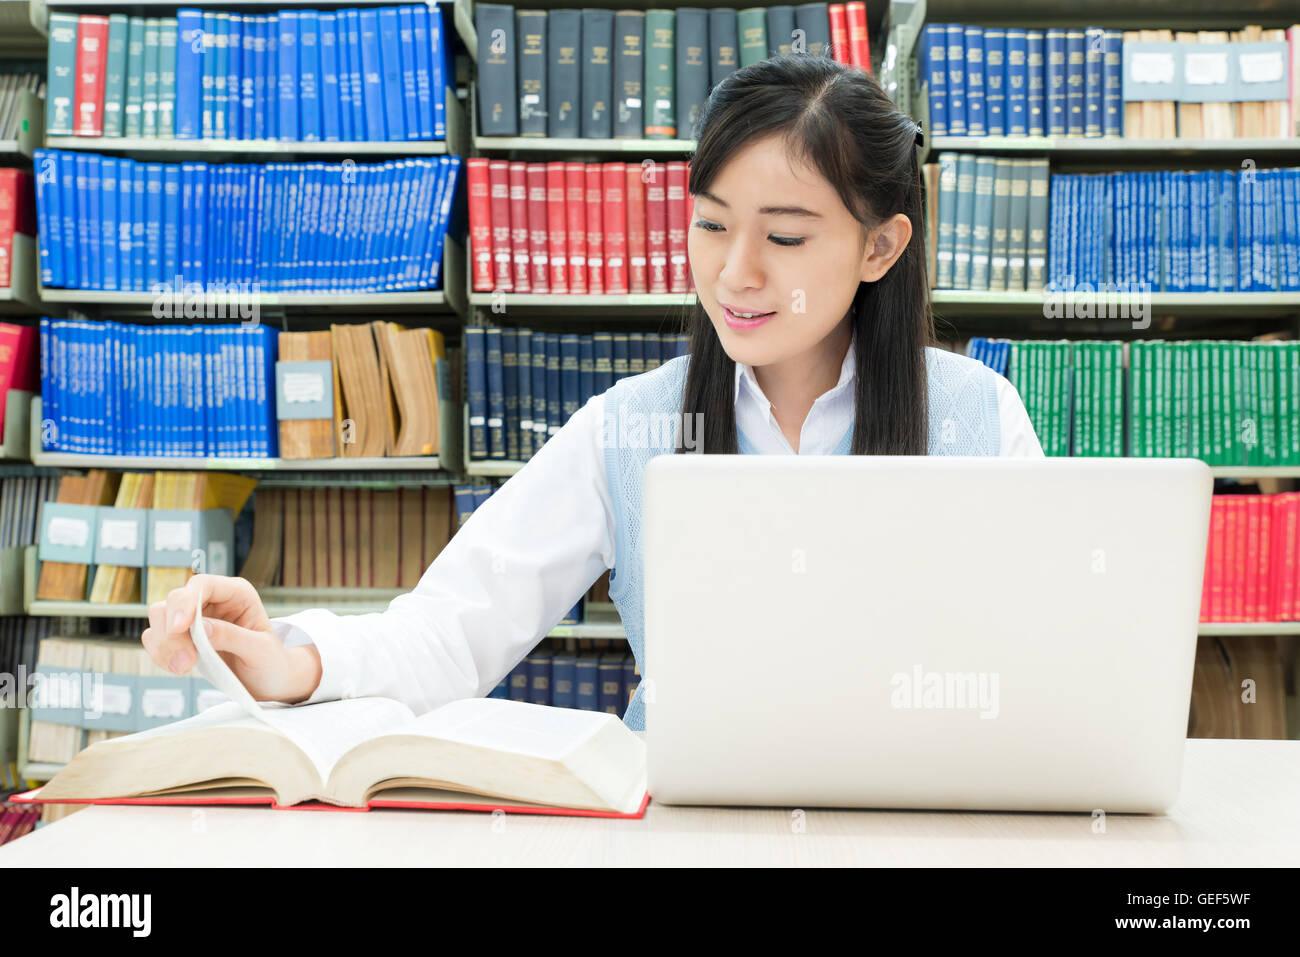 L'éducation, étudiants, personnes concept - étudiant asiatique la lecture et la recherche sur Photo Stock